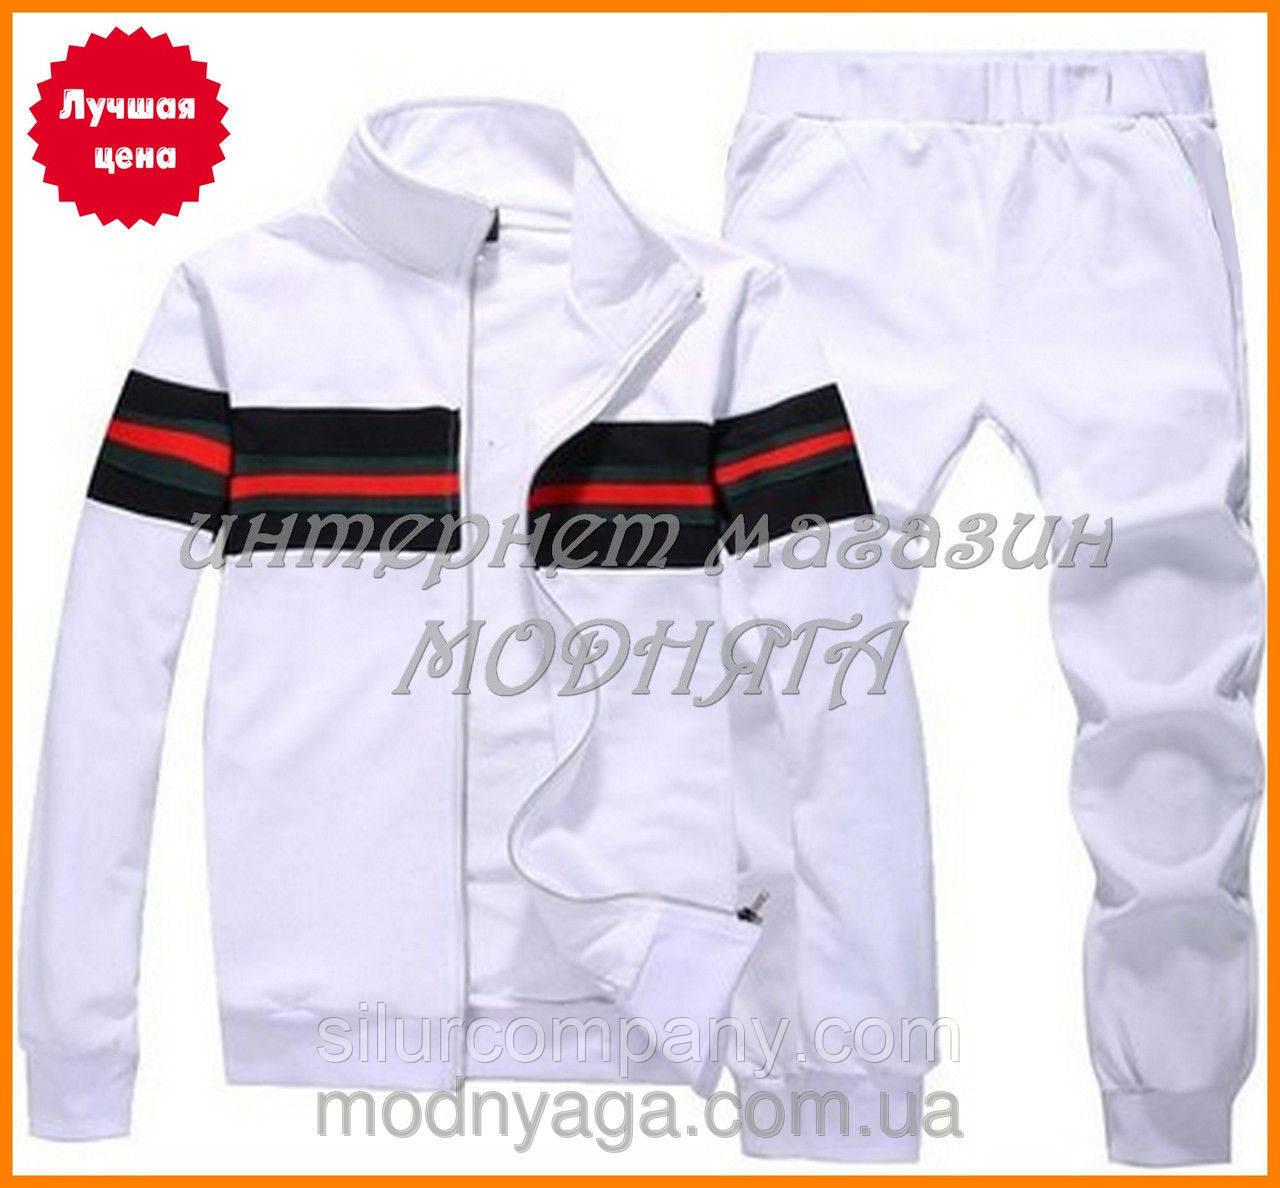 4a8b21721935 Подростковые спортивные костюмы для мальчиков - Интернет магазин